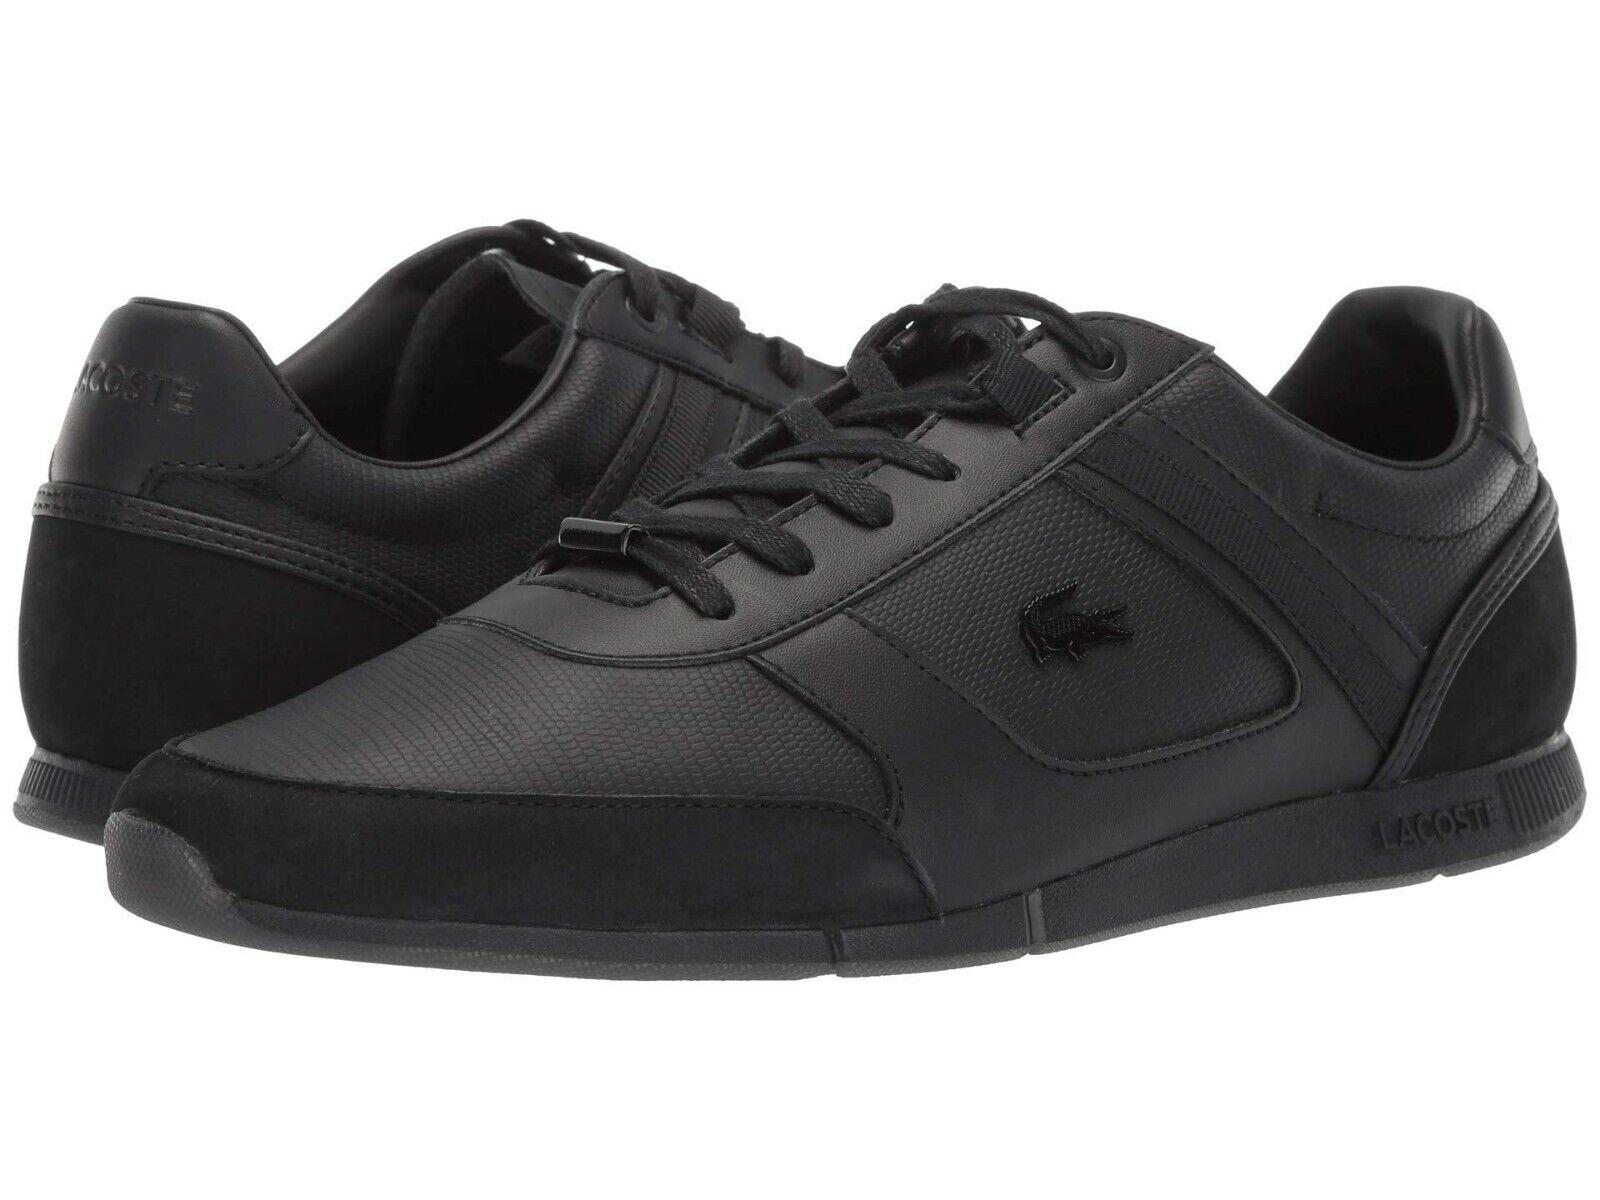 Chaussures Hommes LACOSTE MENERVA 119 2 AMC Lacets Baskets 37CMA005802H Noir